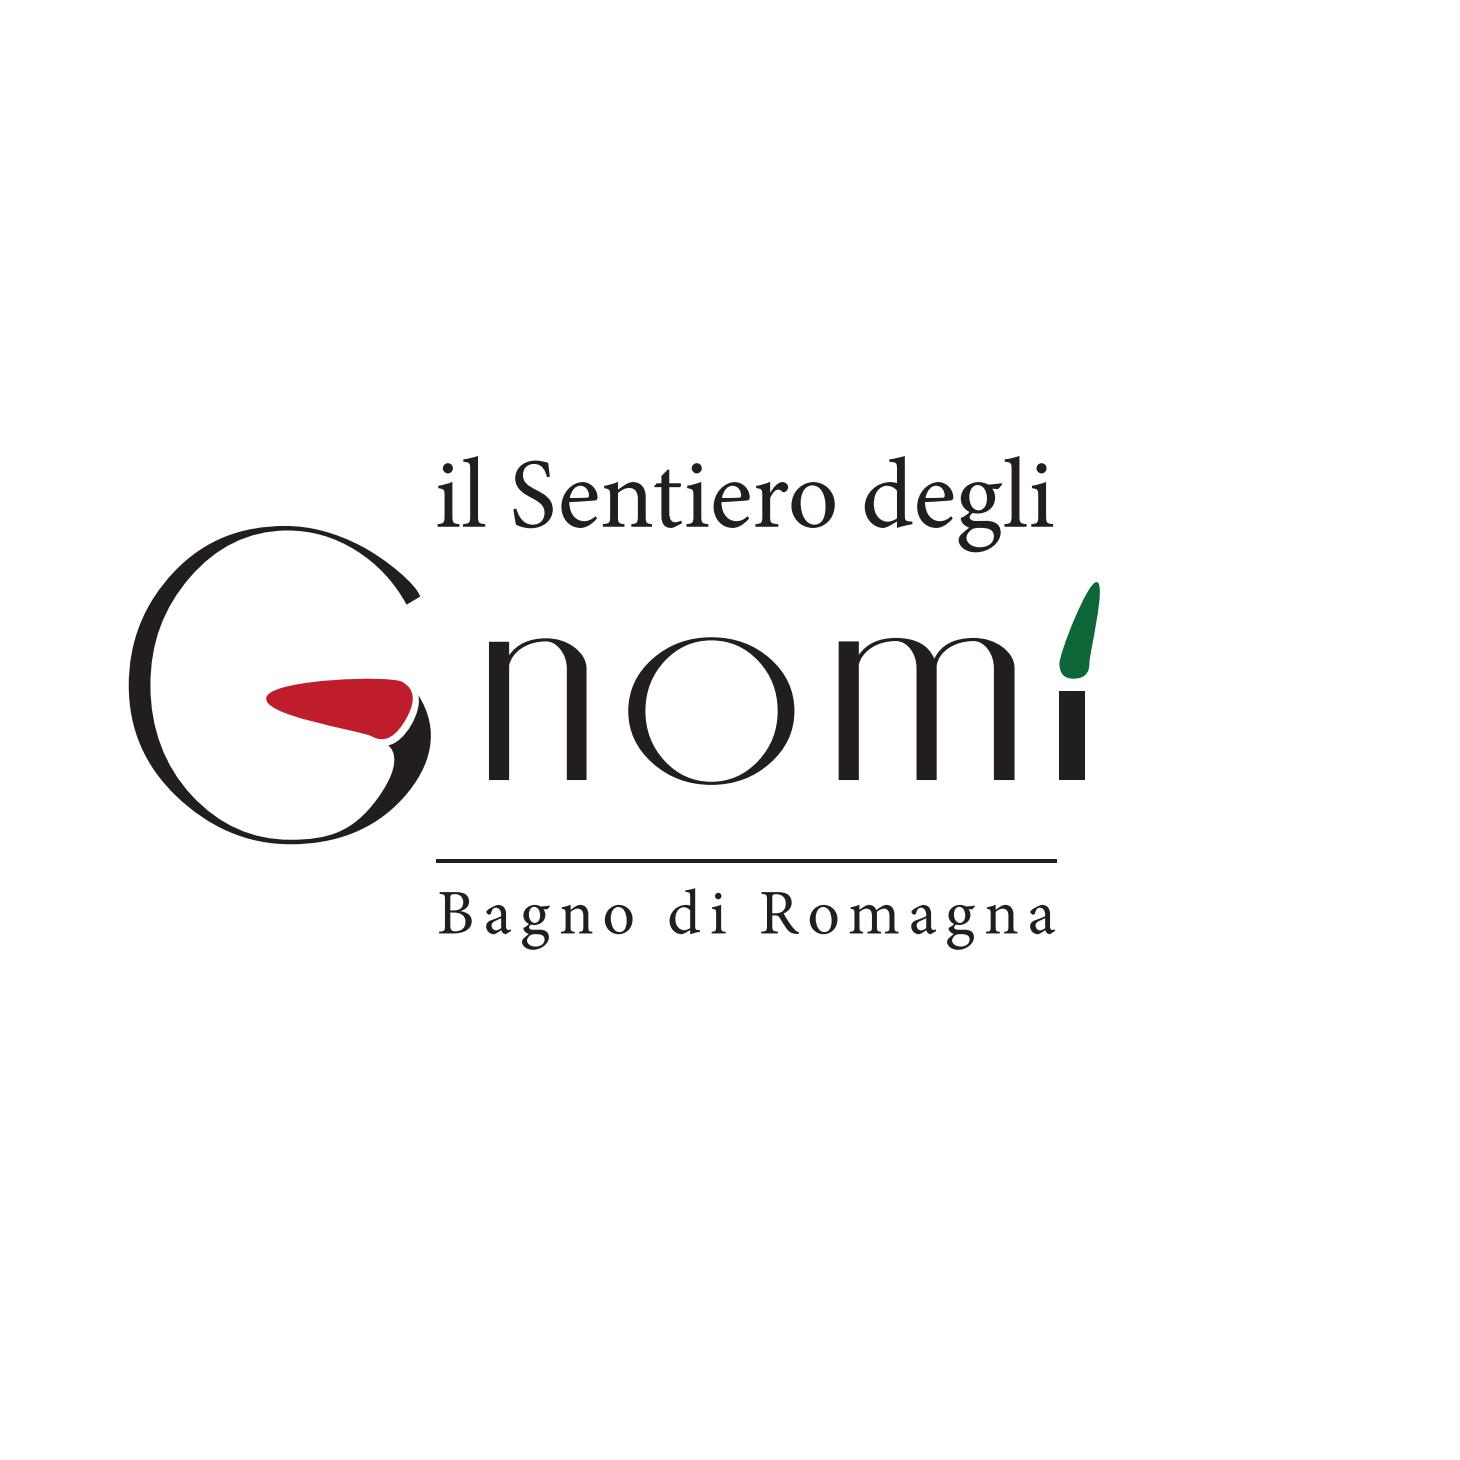 sentiero-gnomi-bagno-di-romagna